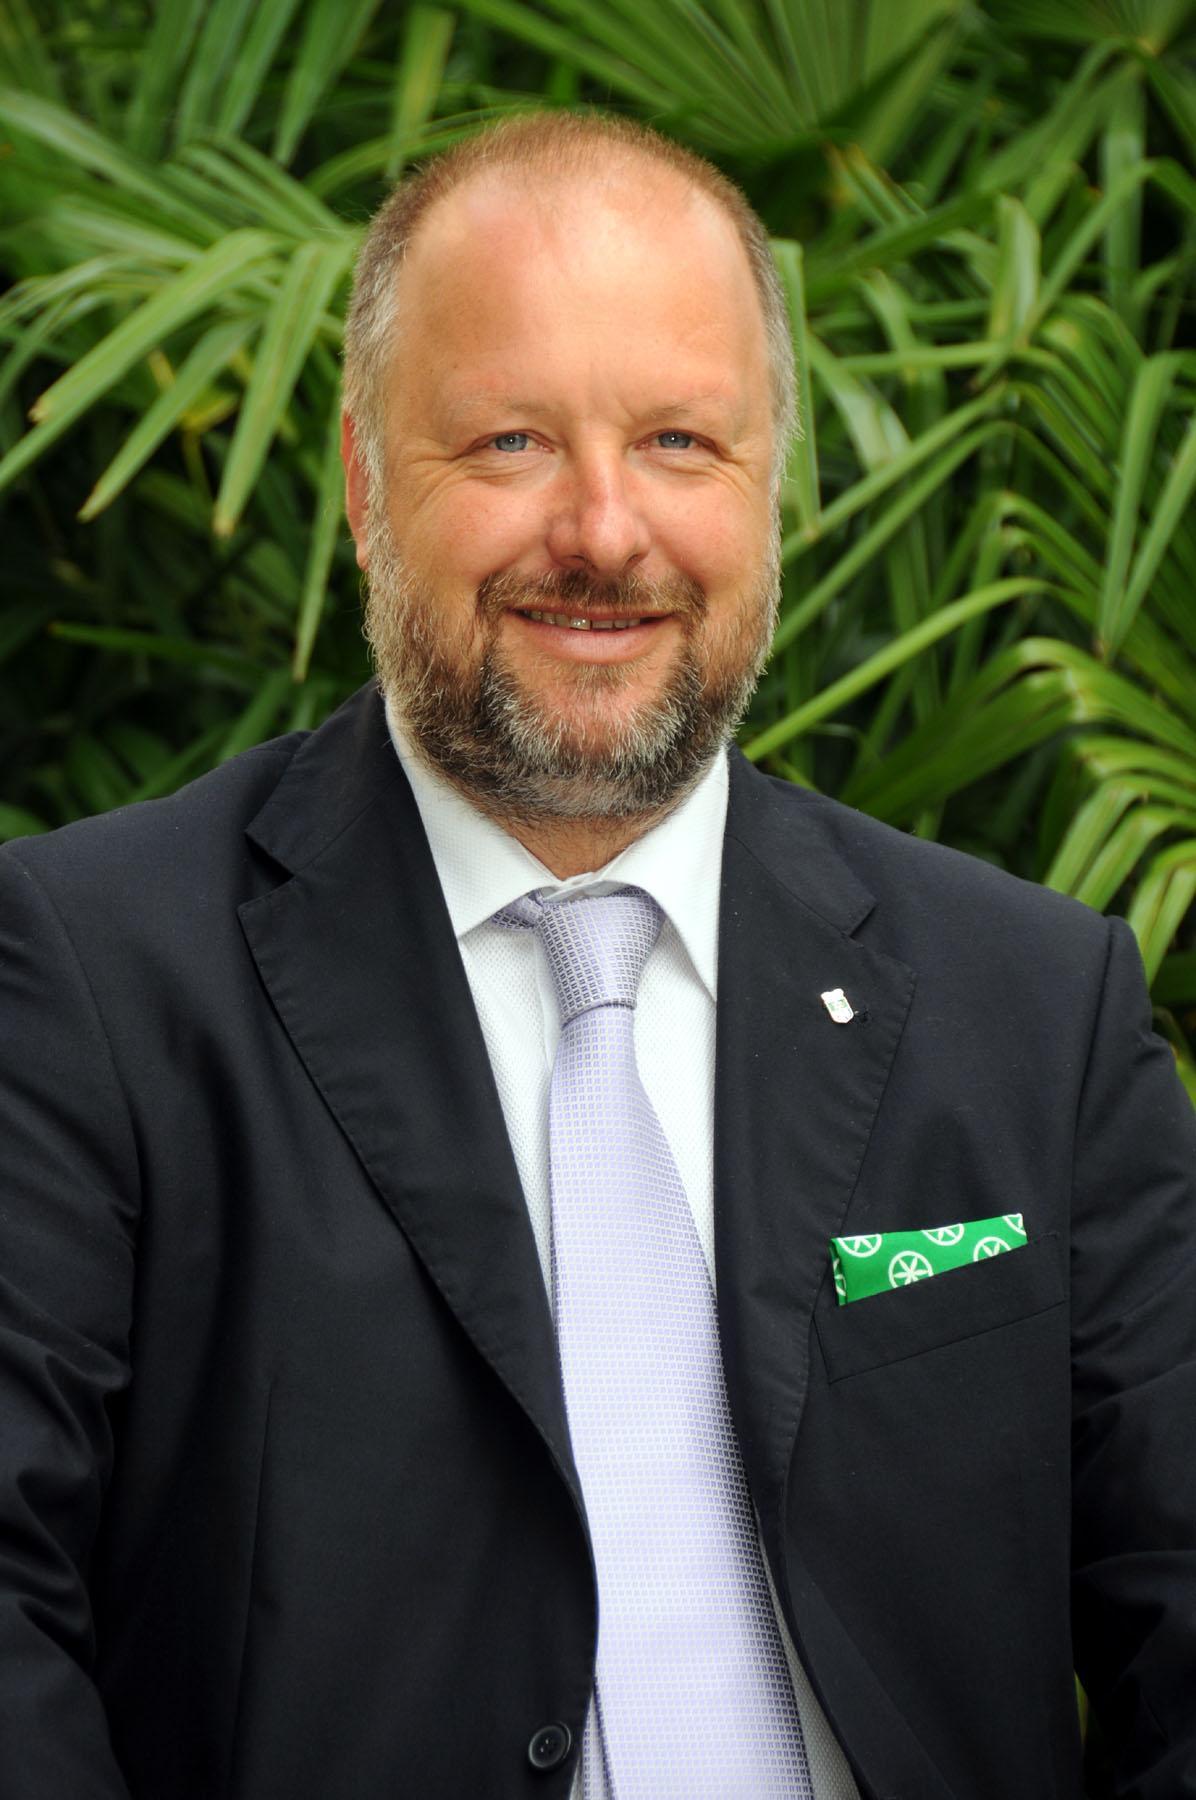 Franco De Poi - Consigliere Verderio Inferiore